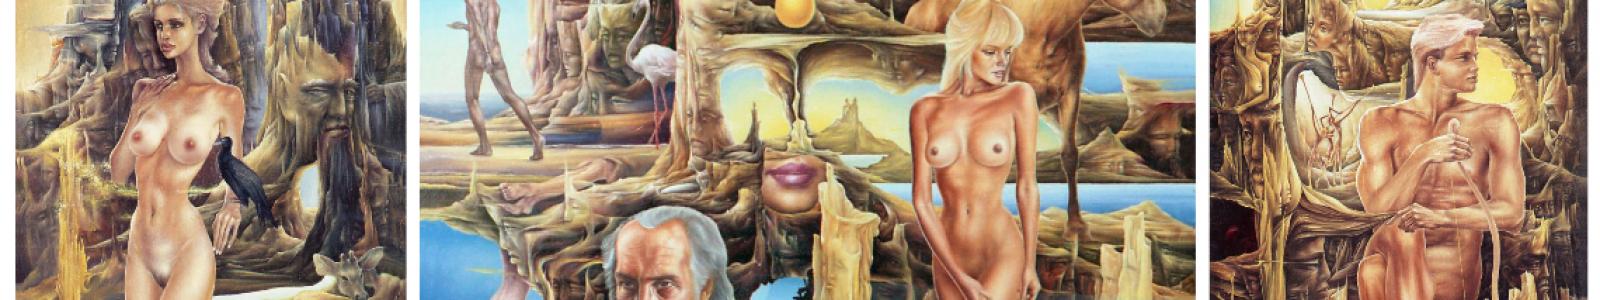 Gallery Painter Valeriy Kot